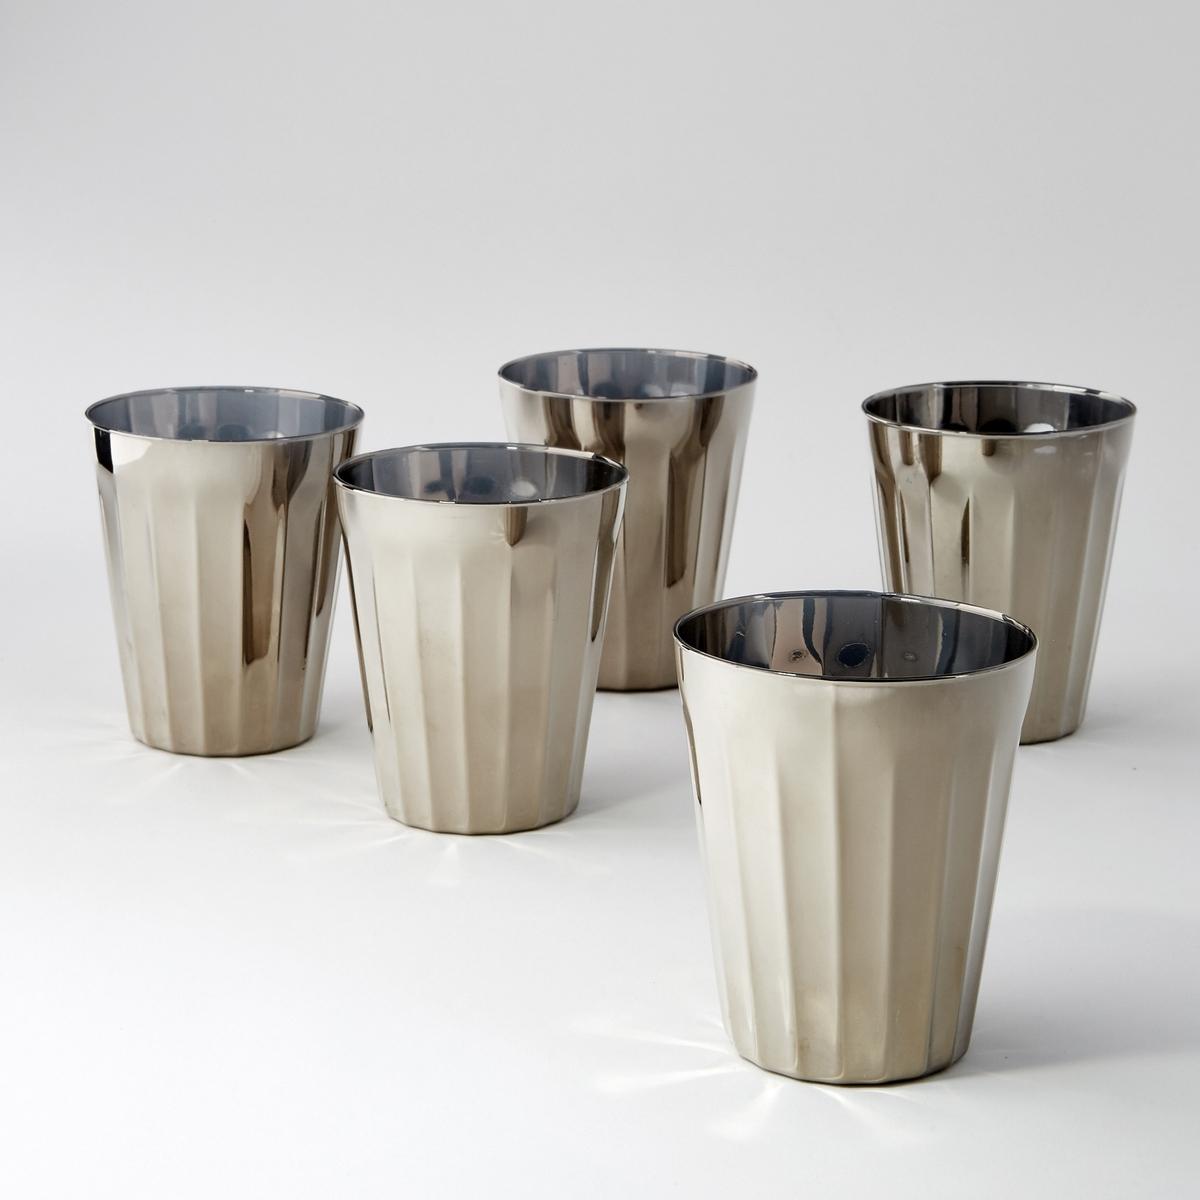 4 стакана серебристых большая модель Tagla4 стакана из стекла с гранями  Tagla.  Размер. : диаметр 9,5 x высота 15 см.<br><br>Цвет: серый металлик